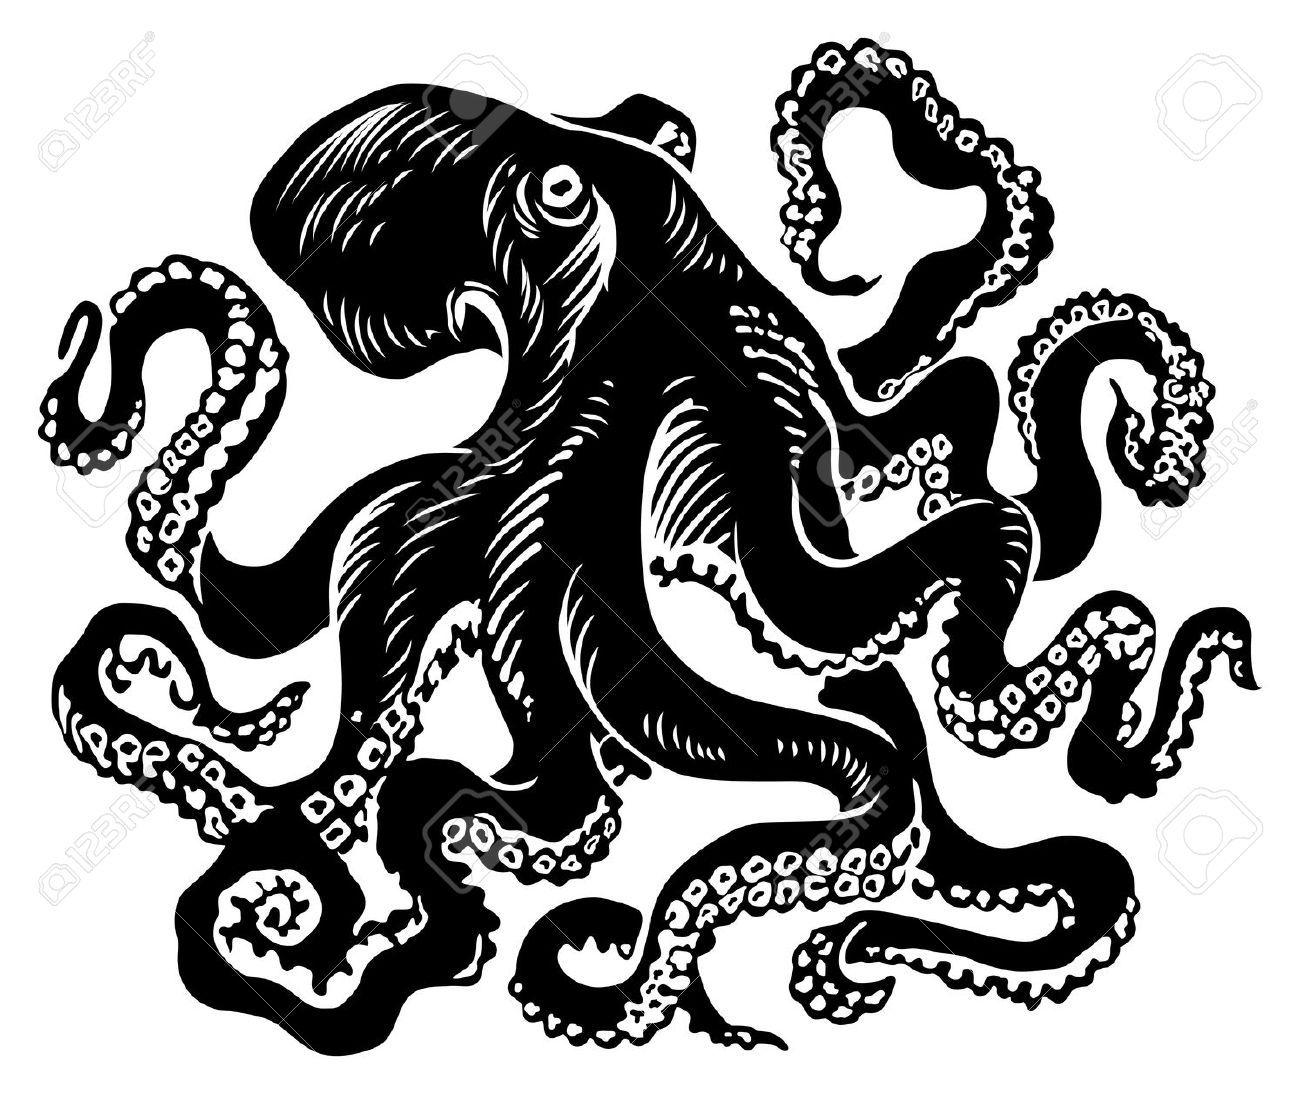 Octopus Illustration Octopus Vector Illustration octopus